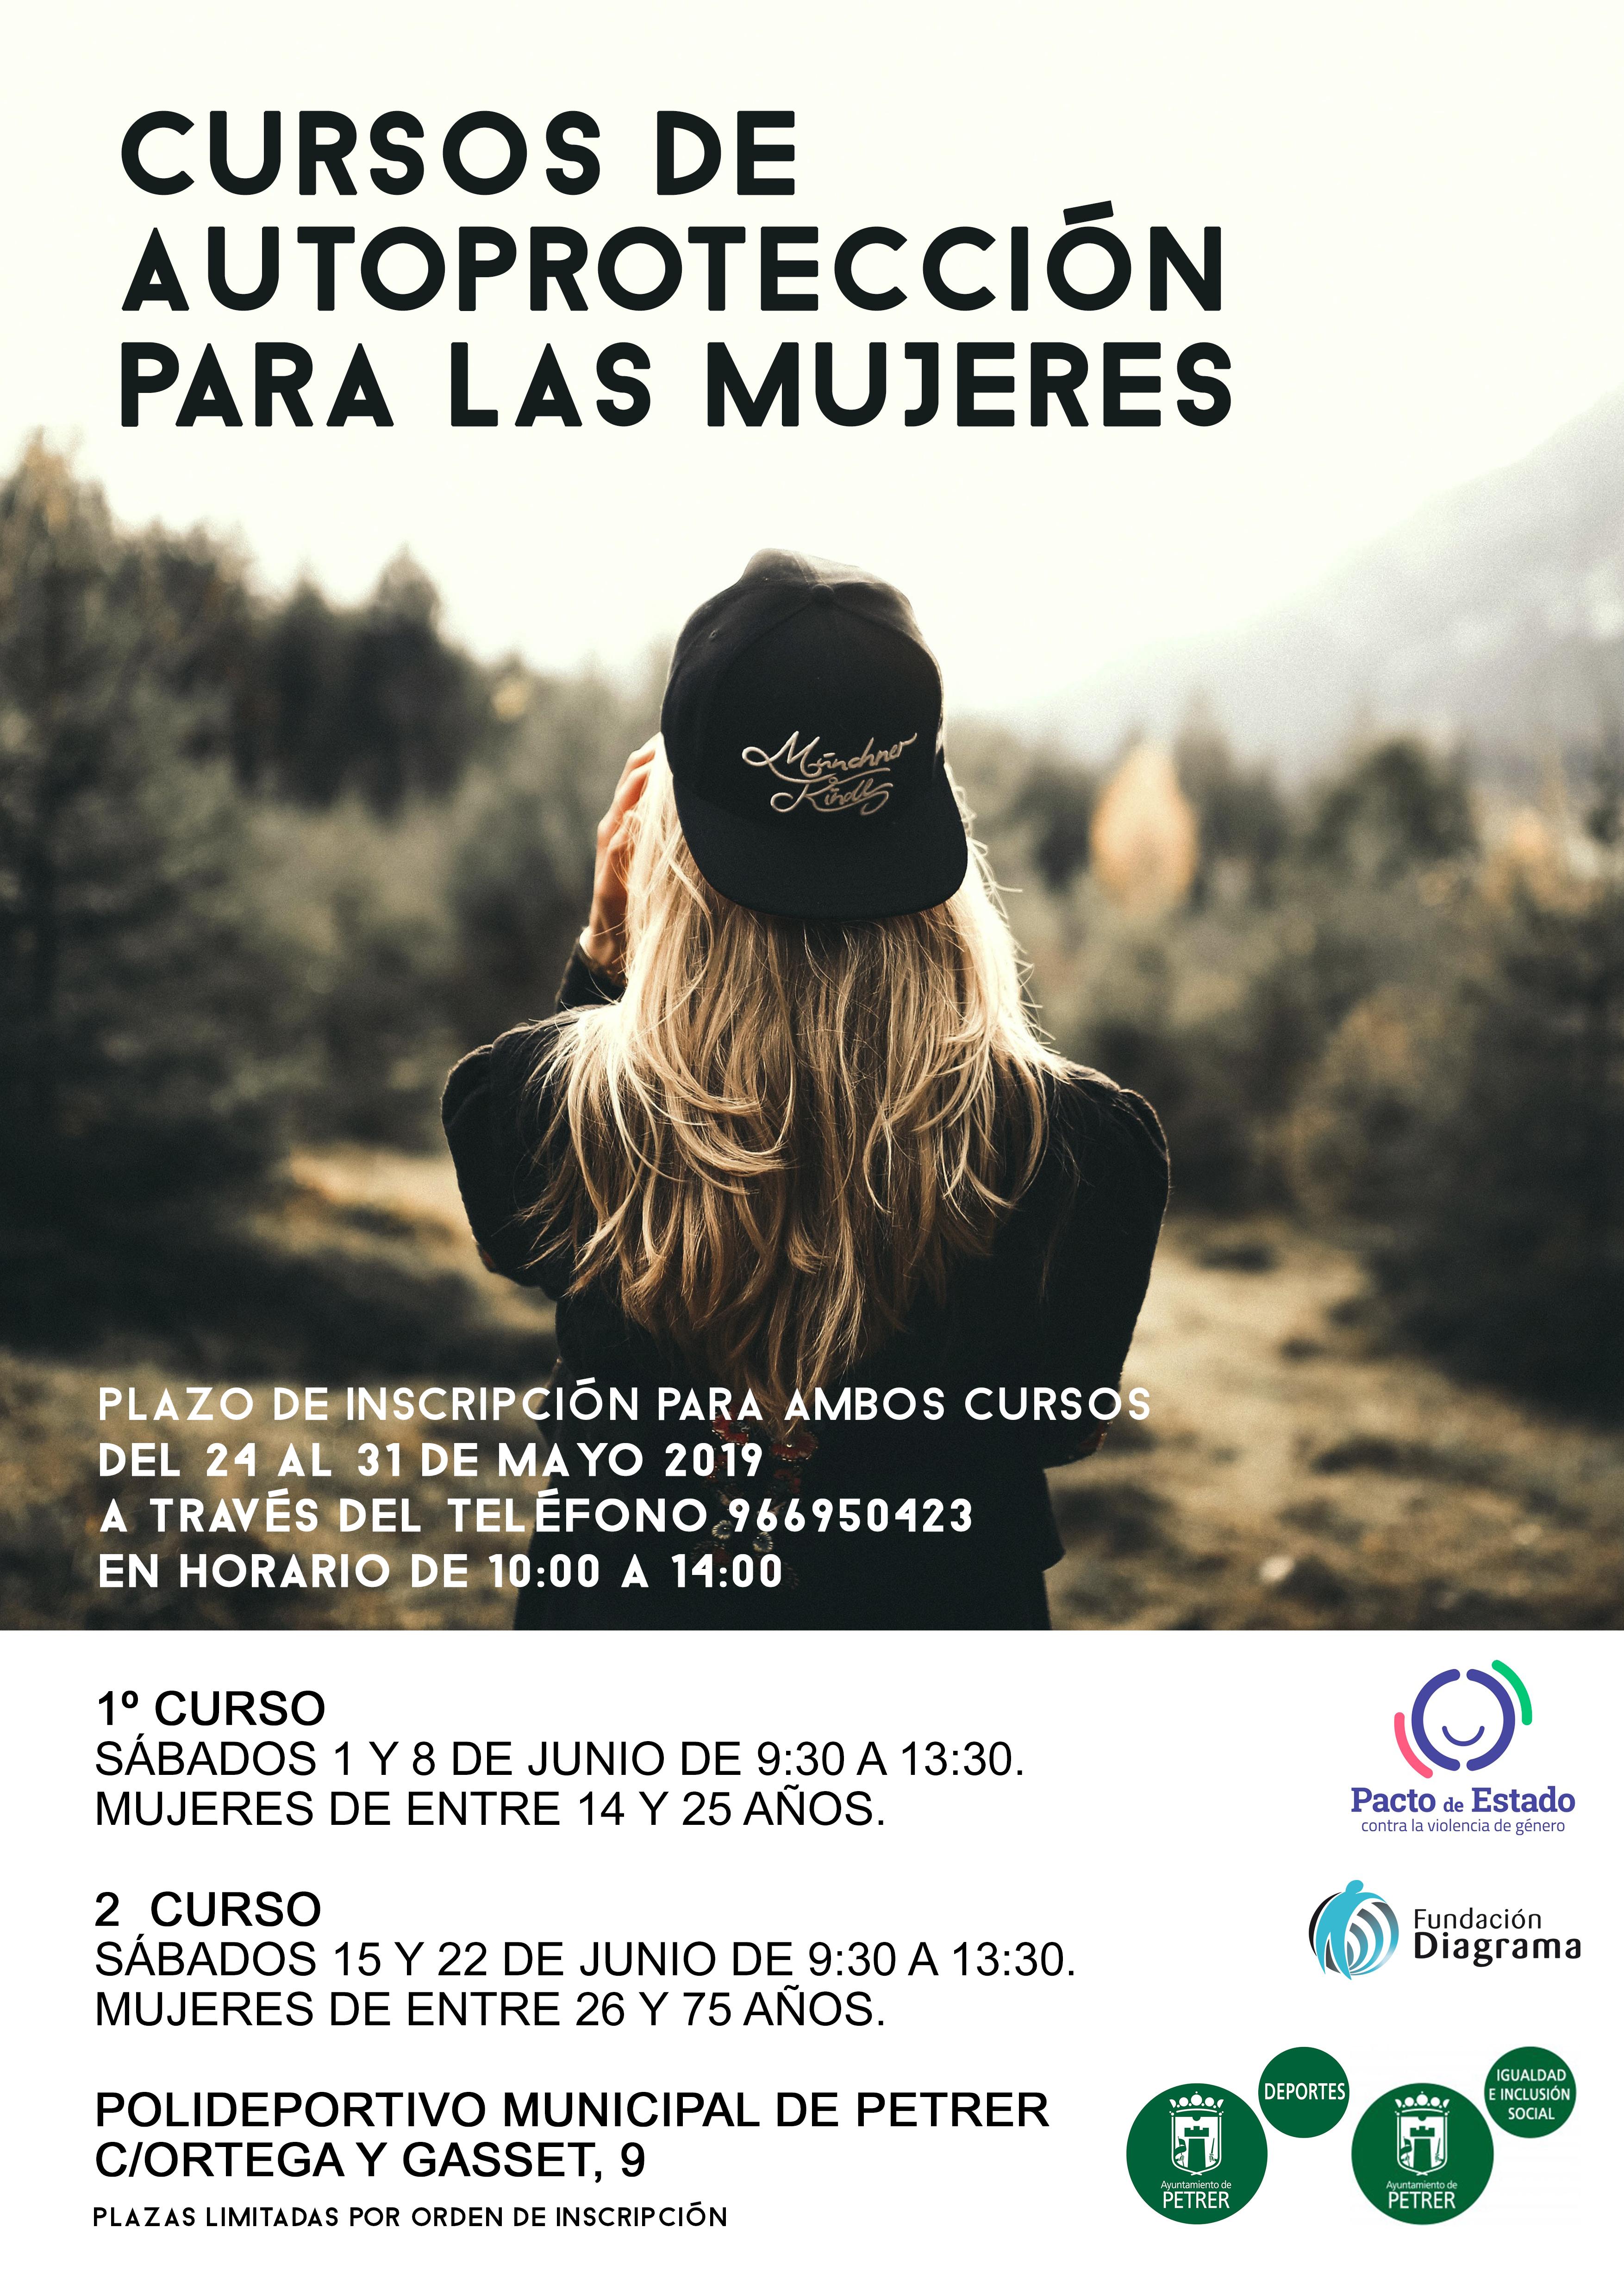 Curso de Autoprotección para mujeres en Petrer